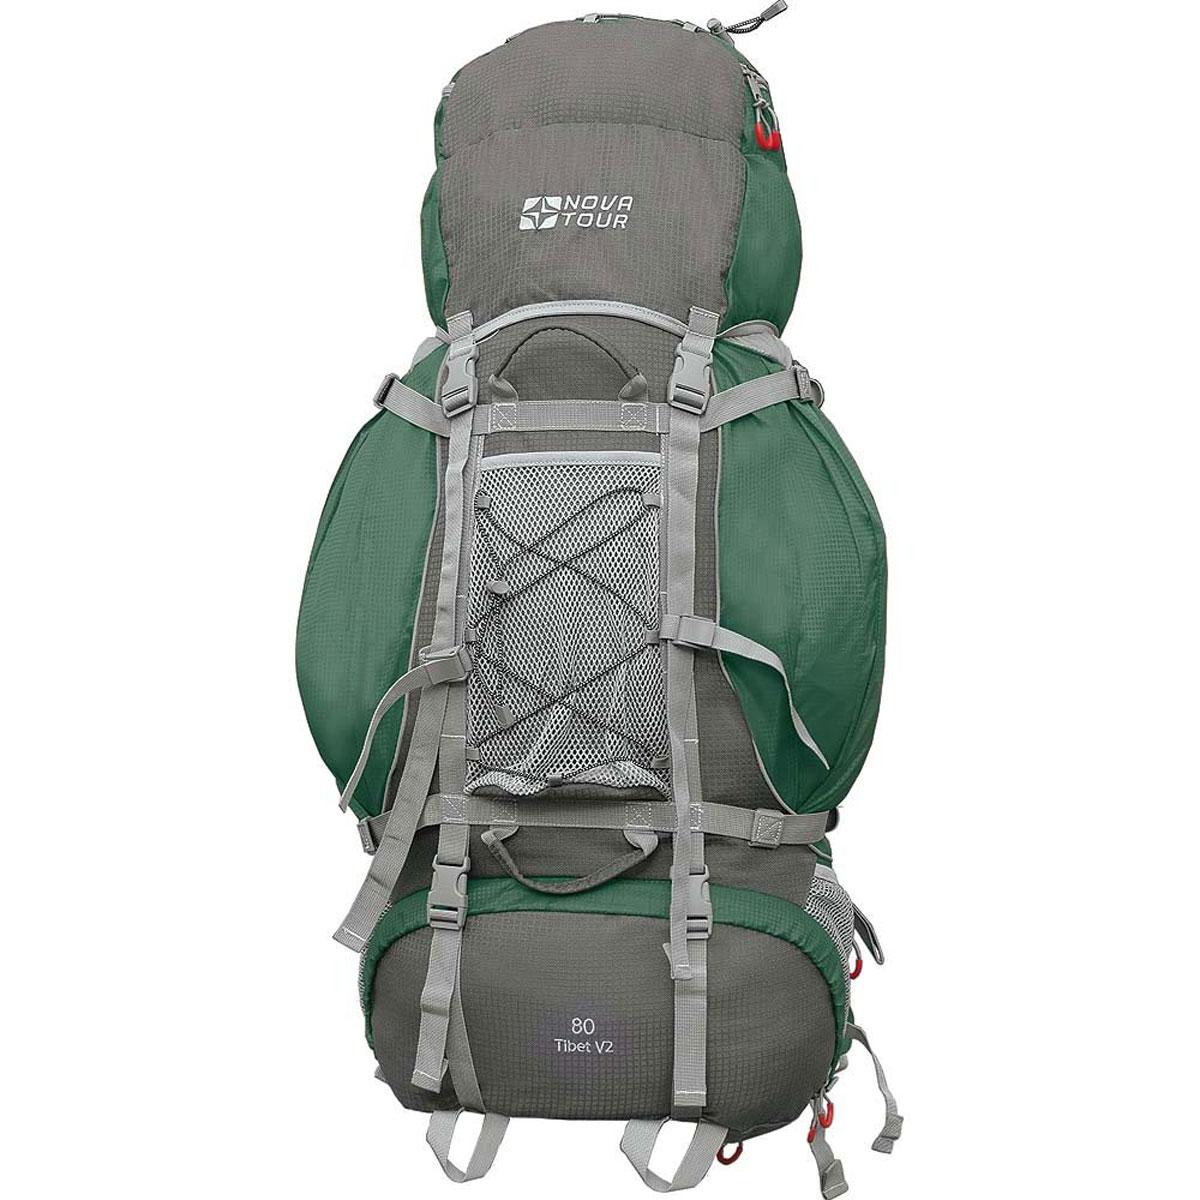 Рюкзак туристический Nova Tour Тибет 80 V2, цвет: серый, зеленый. 11183-350-0011183-350-00Прочный рюкзак большого объема для классического туризма. Вы можете не ограничивать себя в количестве вещей, ведь этот рюкзак с двумя вместительными карманами на молнии, сетчатыми карманами для фляги и мелочей по обеим бокам рюкзака, а также объемным клапаном. Ваша спина не устанет во время длительных переходов с удобной подвесной системой, разработанной специально для переноски тяжелых грузов. Удобство при погрузке рюкзака в транспорт обеспечивают три усиленных ручки. Если в пути застанет дождь или снег не беда! В специальном кармане на дне рюкзака упакован непромокаемый гермочехол. На концах боковых стяжек имеются липучки для закрепления излишков стропы. Особенности: Прочная ткань с непромокаемой пропиткой. Сетчатый материал, отводящий влагу от вашего тела. Применяется на лямках, спинках и поясе рюкзака. Светоотражающий кант - для обеспечения безопасности в темное время суток. Съемный чехол для защиты от влаги и грязи, размещенный в...